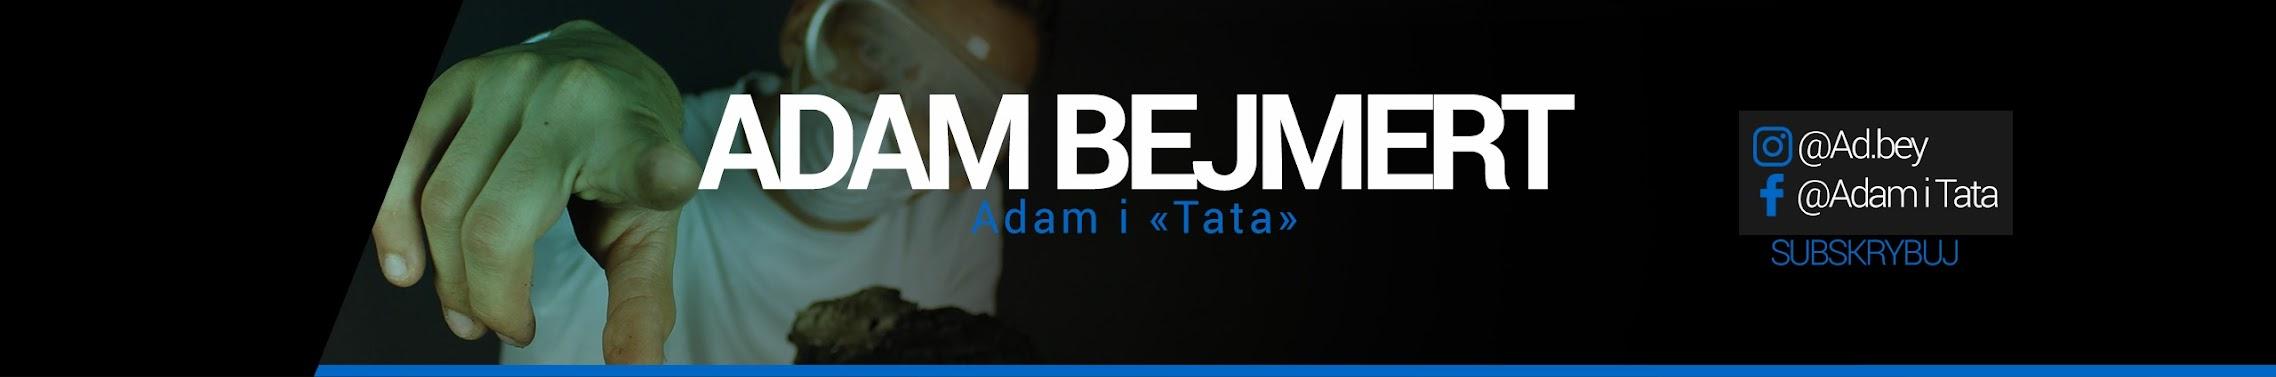 Adam i -Tata-